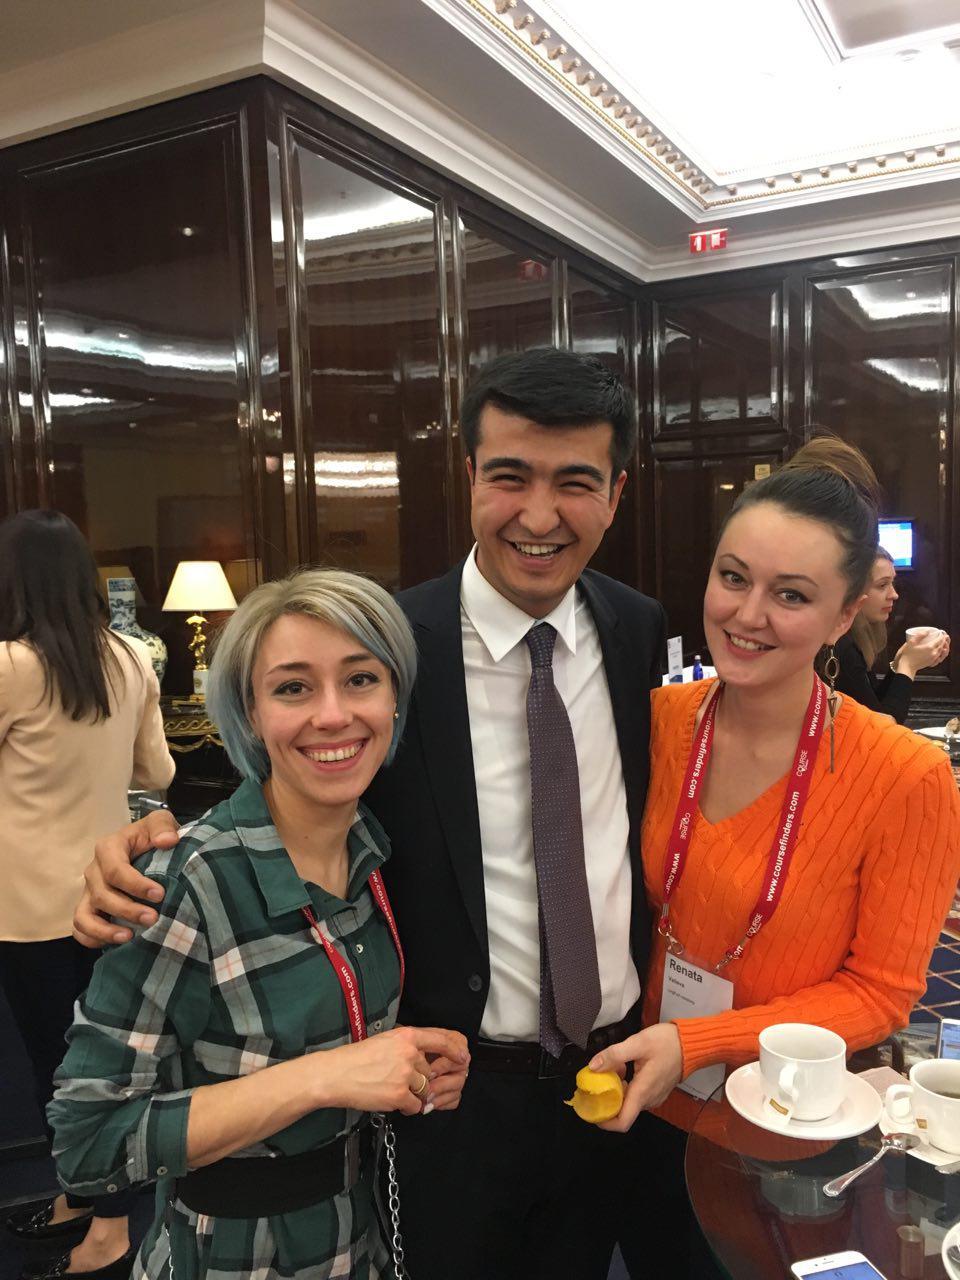 На конференции ICEF в Москве с коллегами и хорошим настроением!